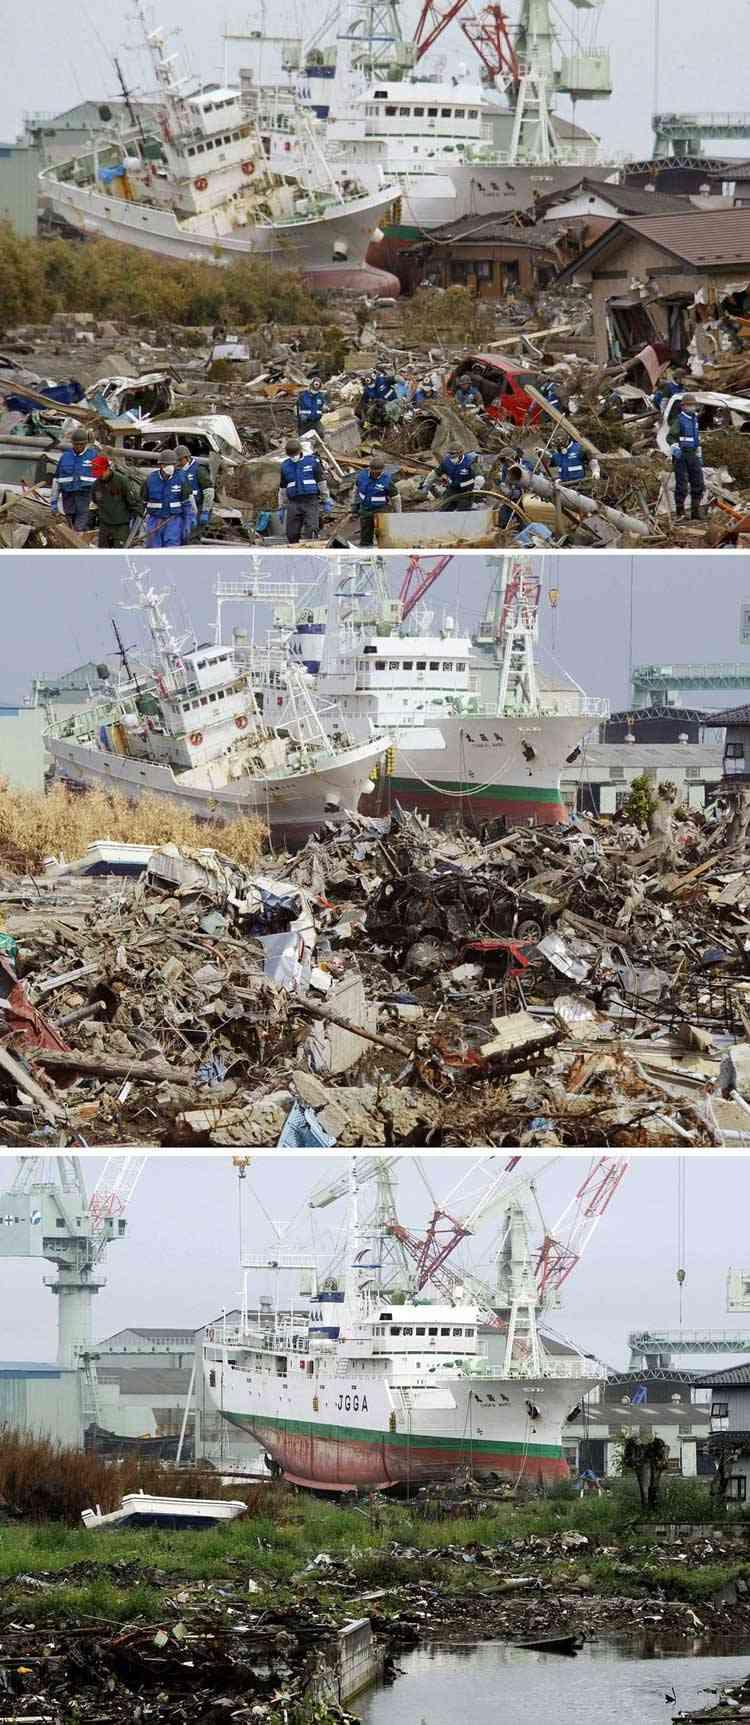 trabajos de limpieza  tras el tsunami en Higashimatsushima, Japón